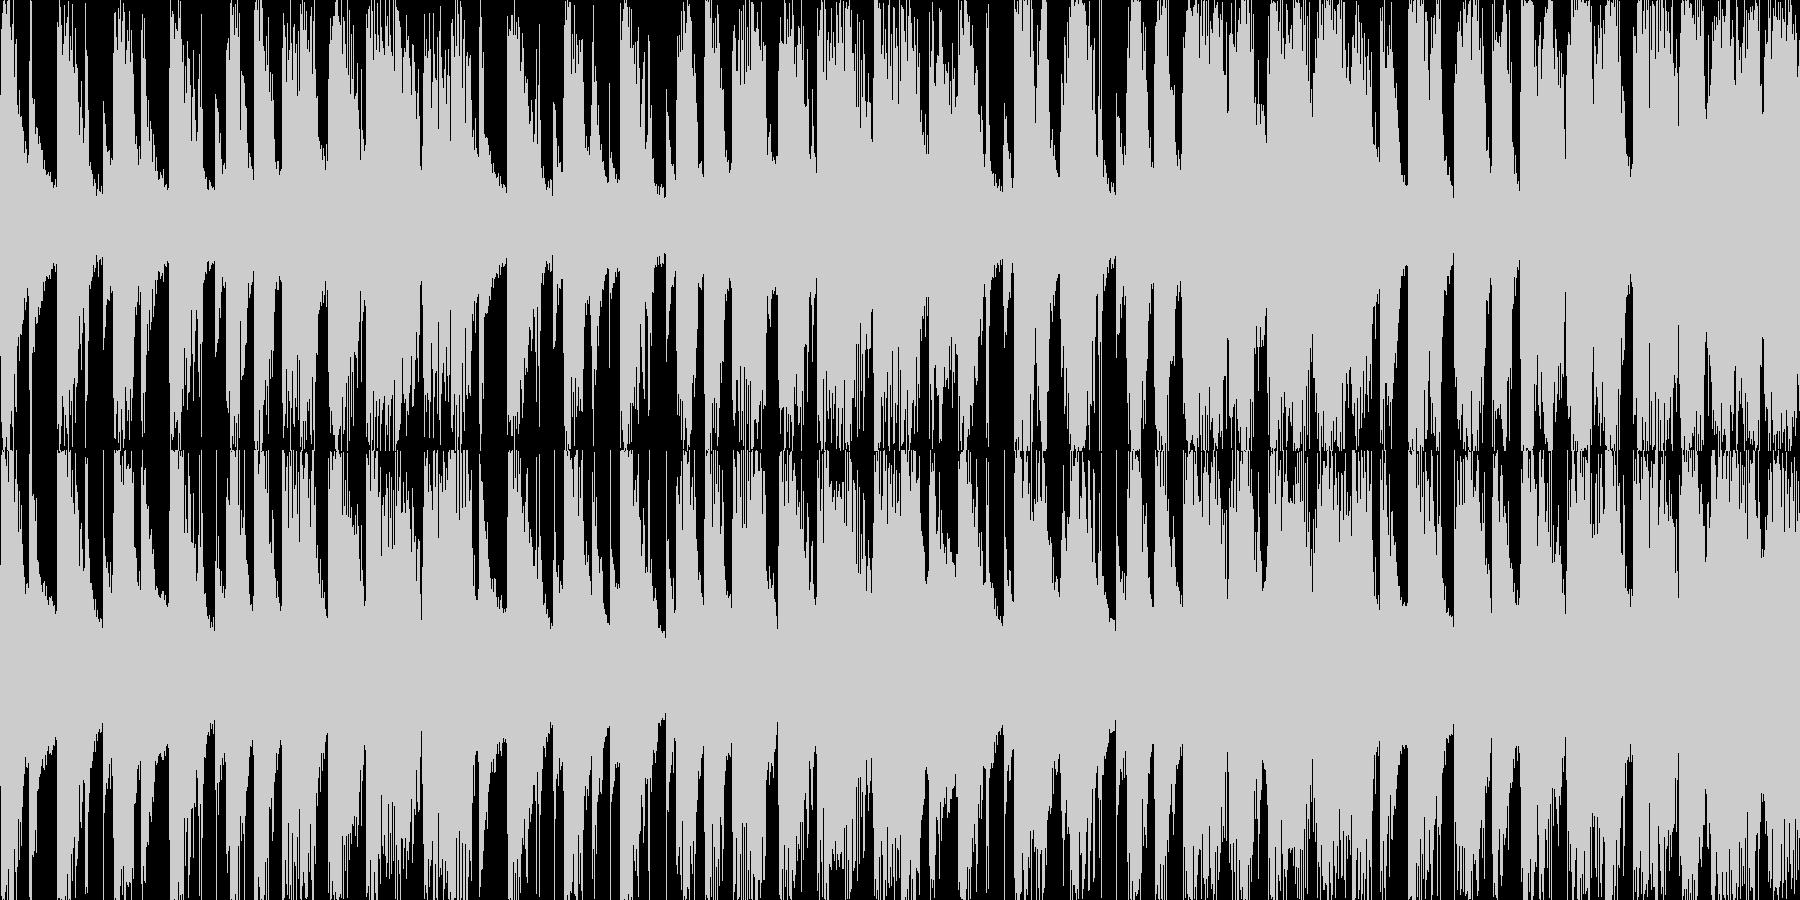 ハロウィン 怪しい感じ ループ曲  L1の未再生の波形